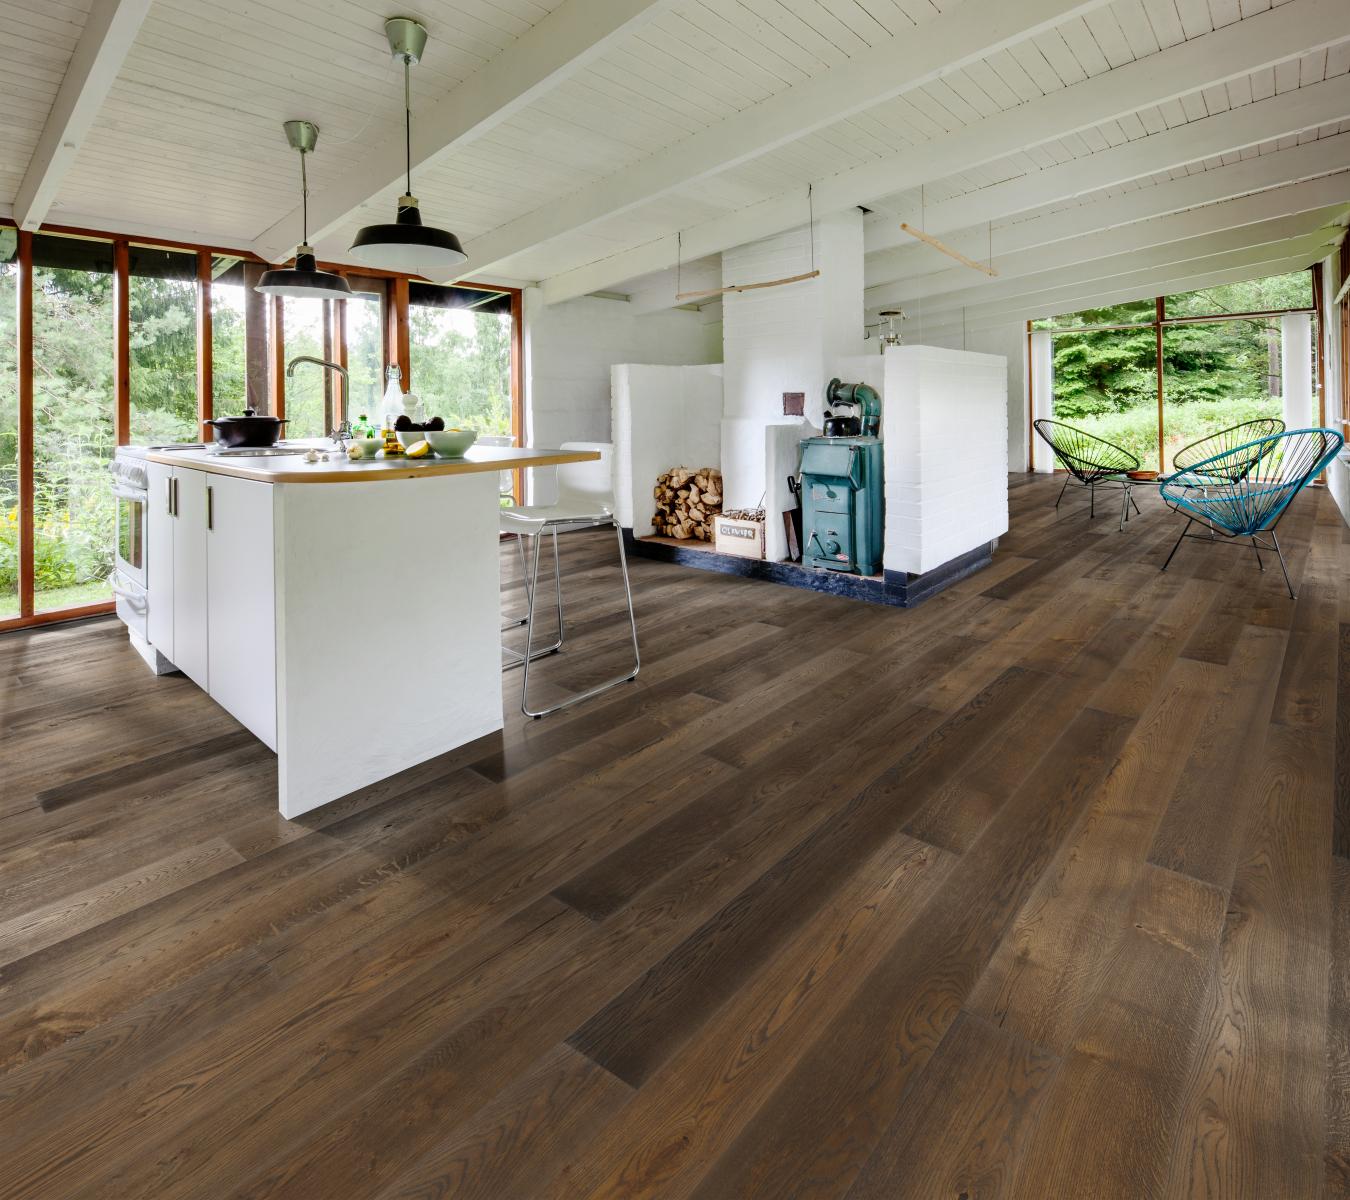 Tmavá podlaha do moderního interiéru